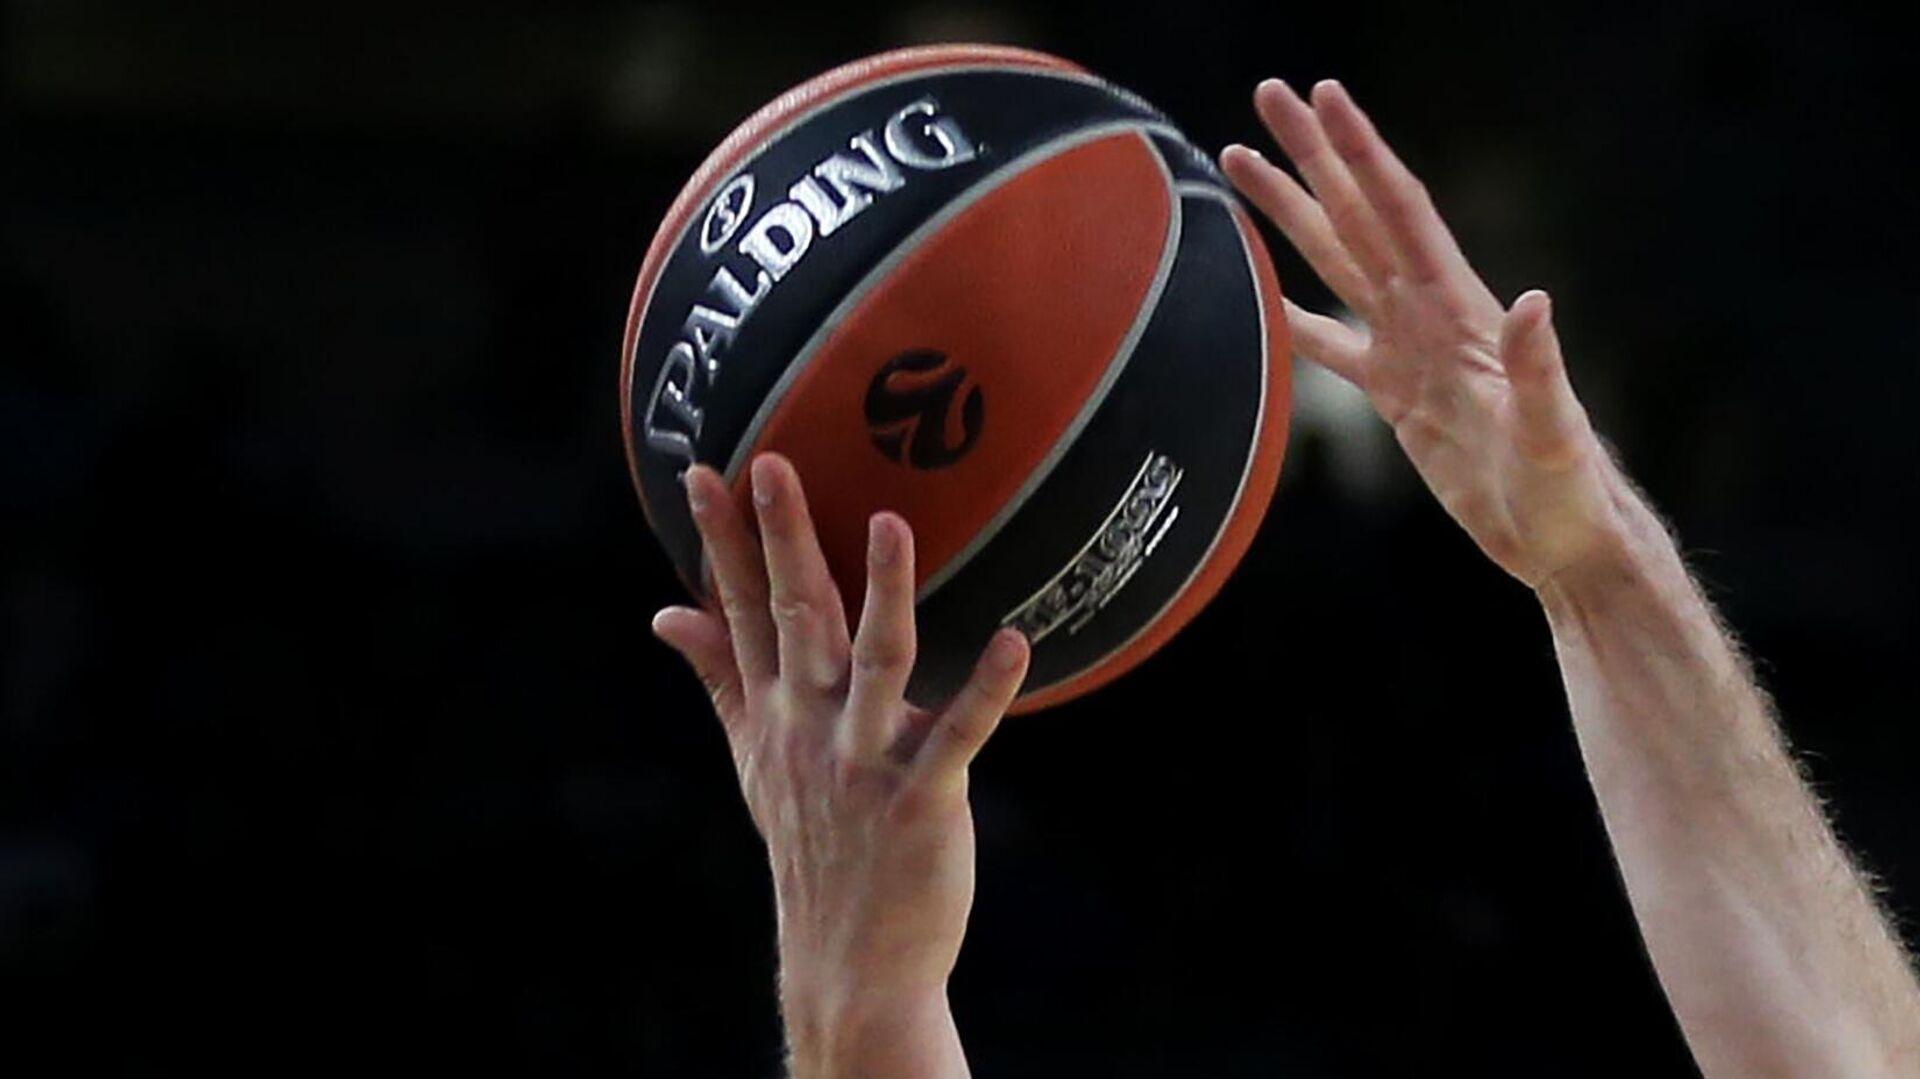 Баскетбол. Мяч - РИА Новости, 1920, 15.01.2021